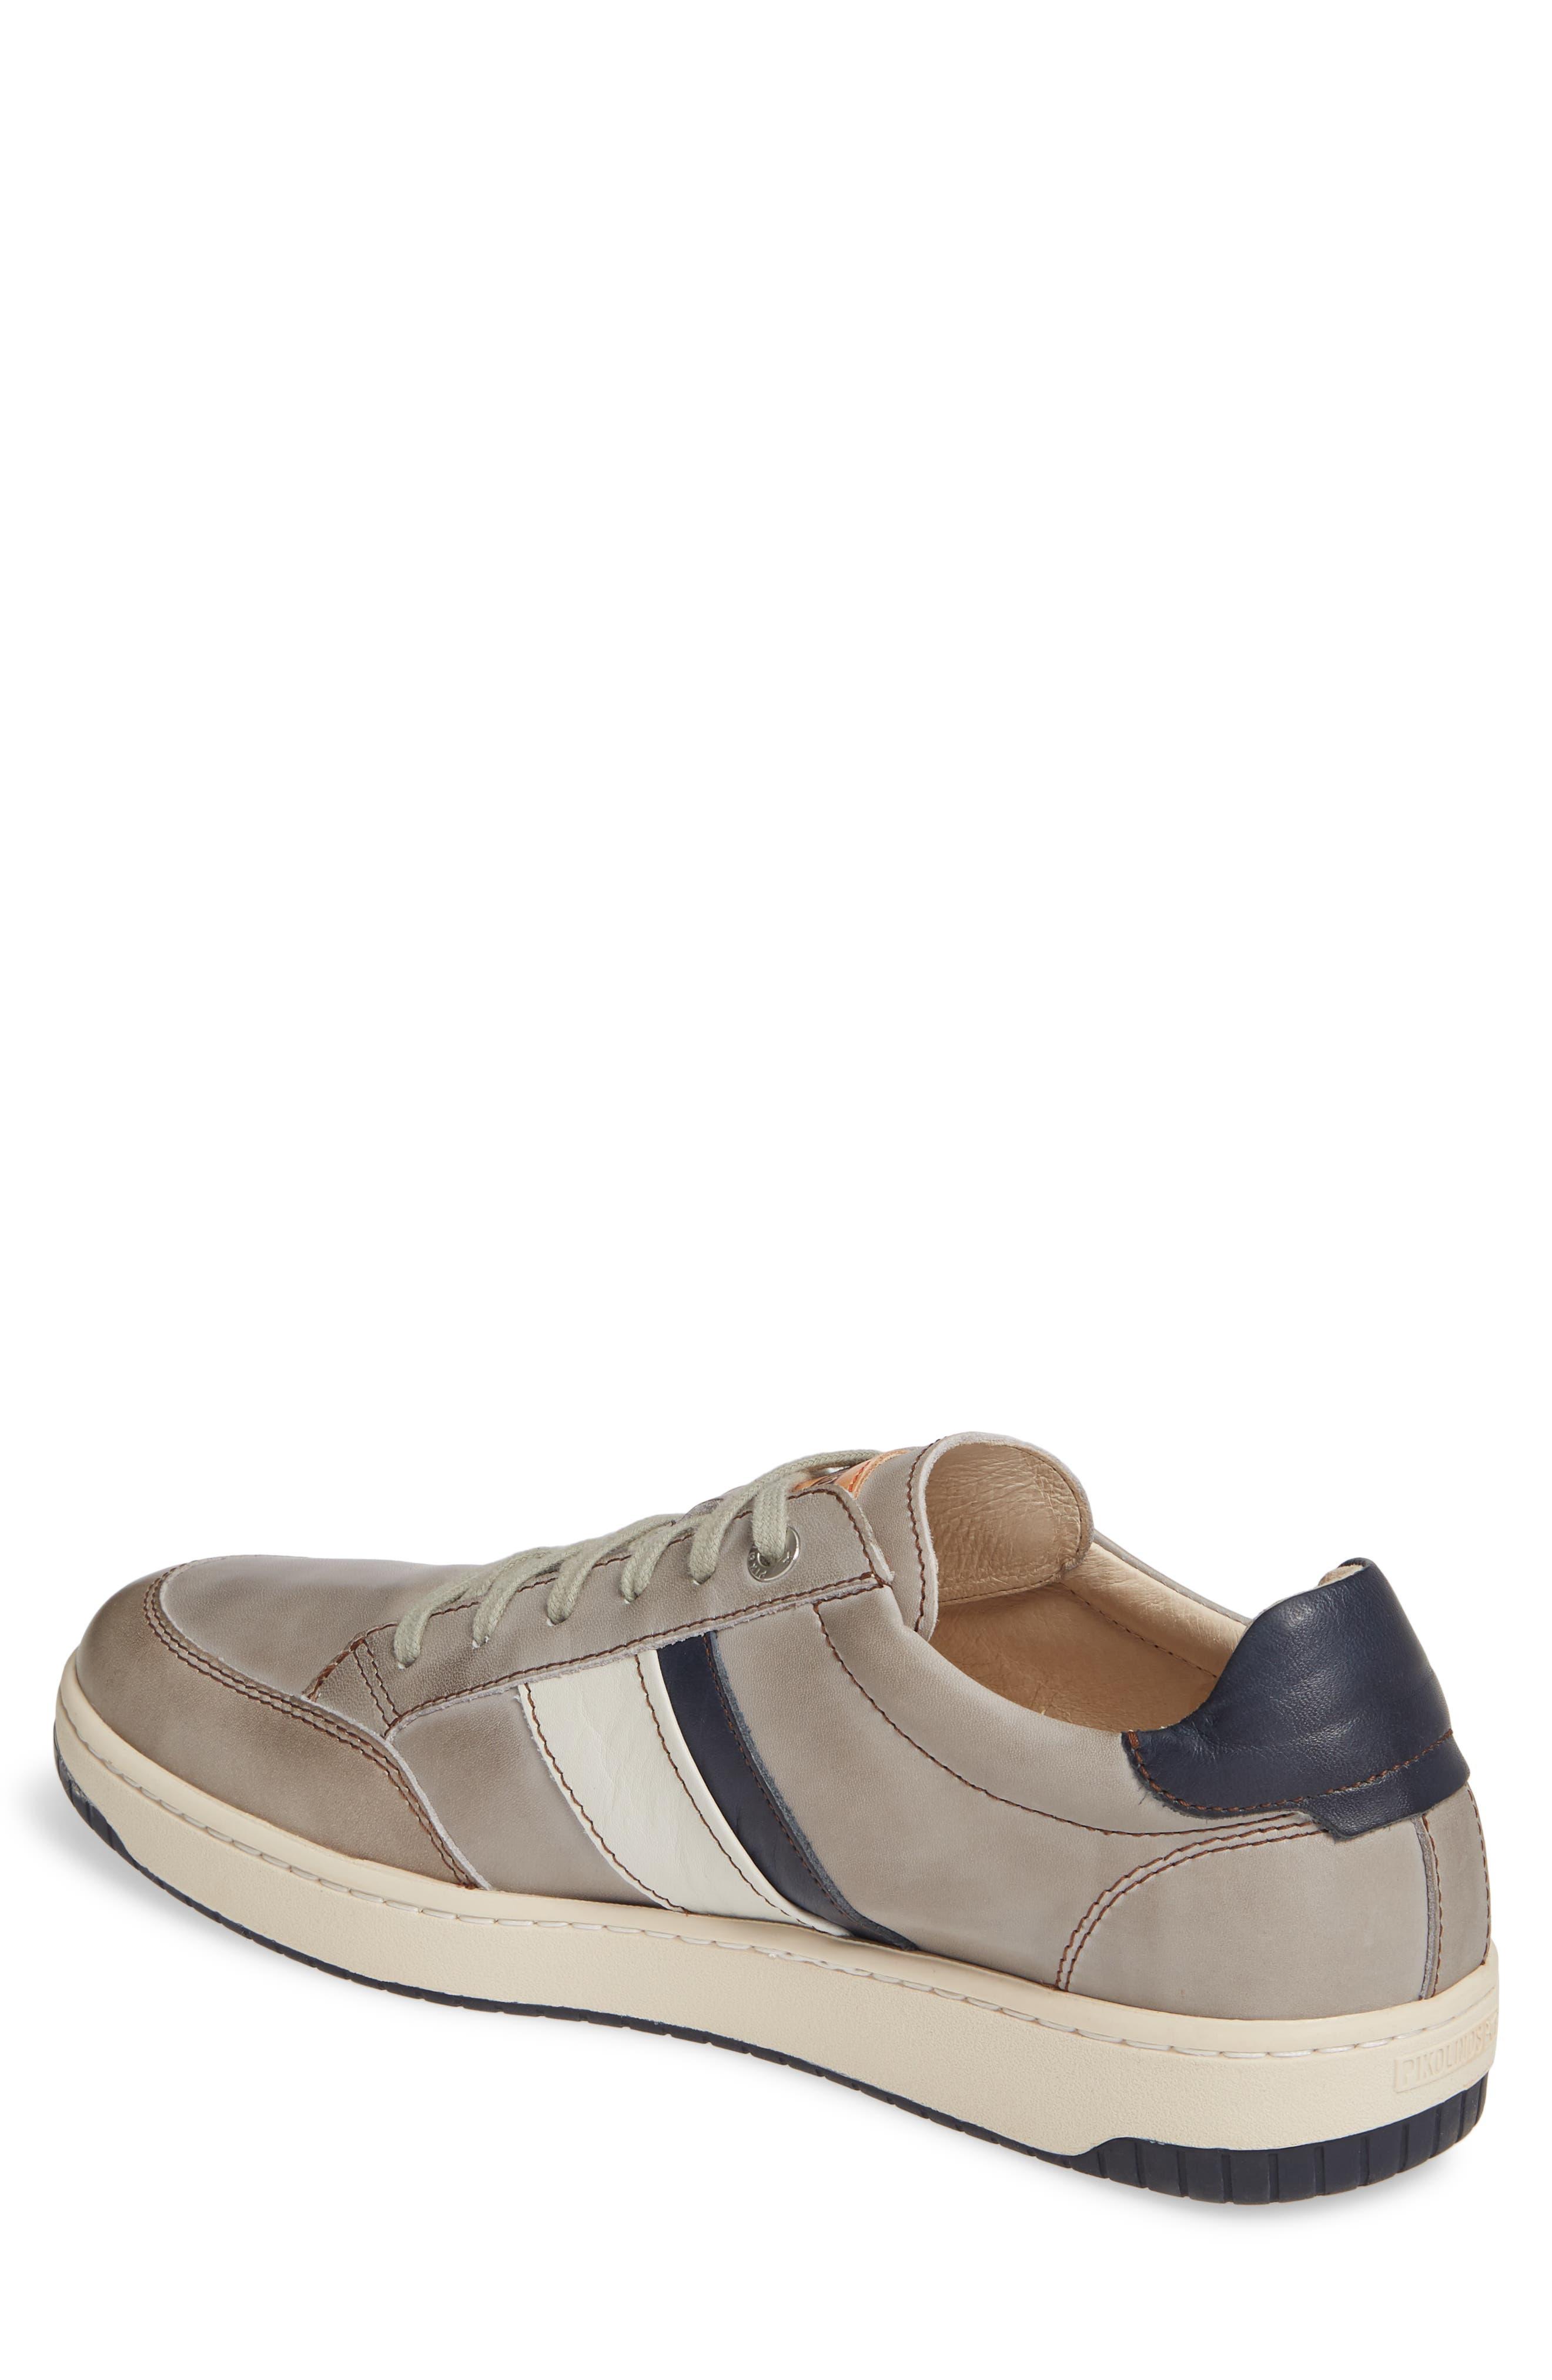 PIKOLINOS, Corinto Sneaker, Main thumbnail 1, color, SLATE